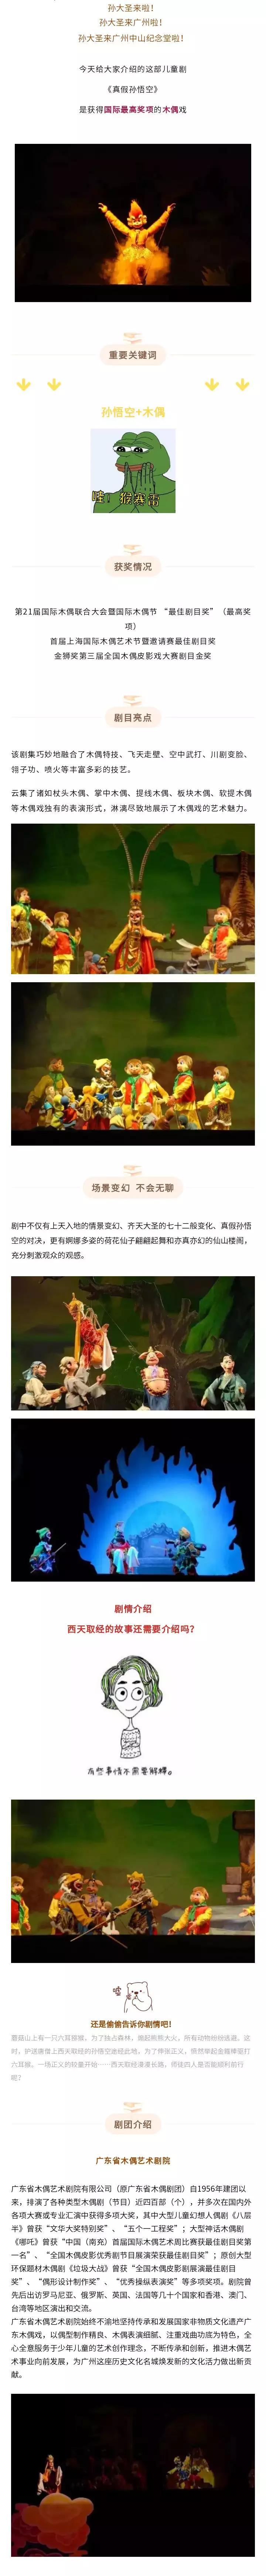 2021【公益惠民】木偶剧《真假孙悟空》-广州站